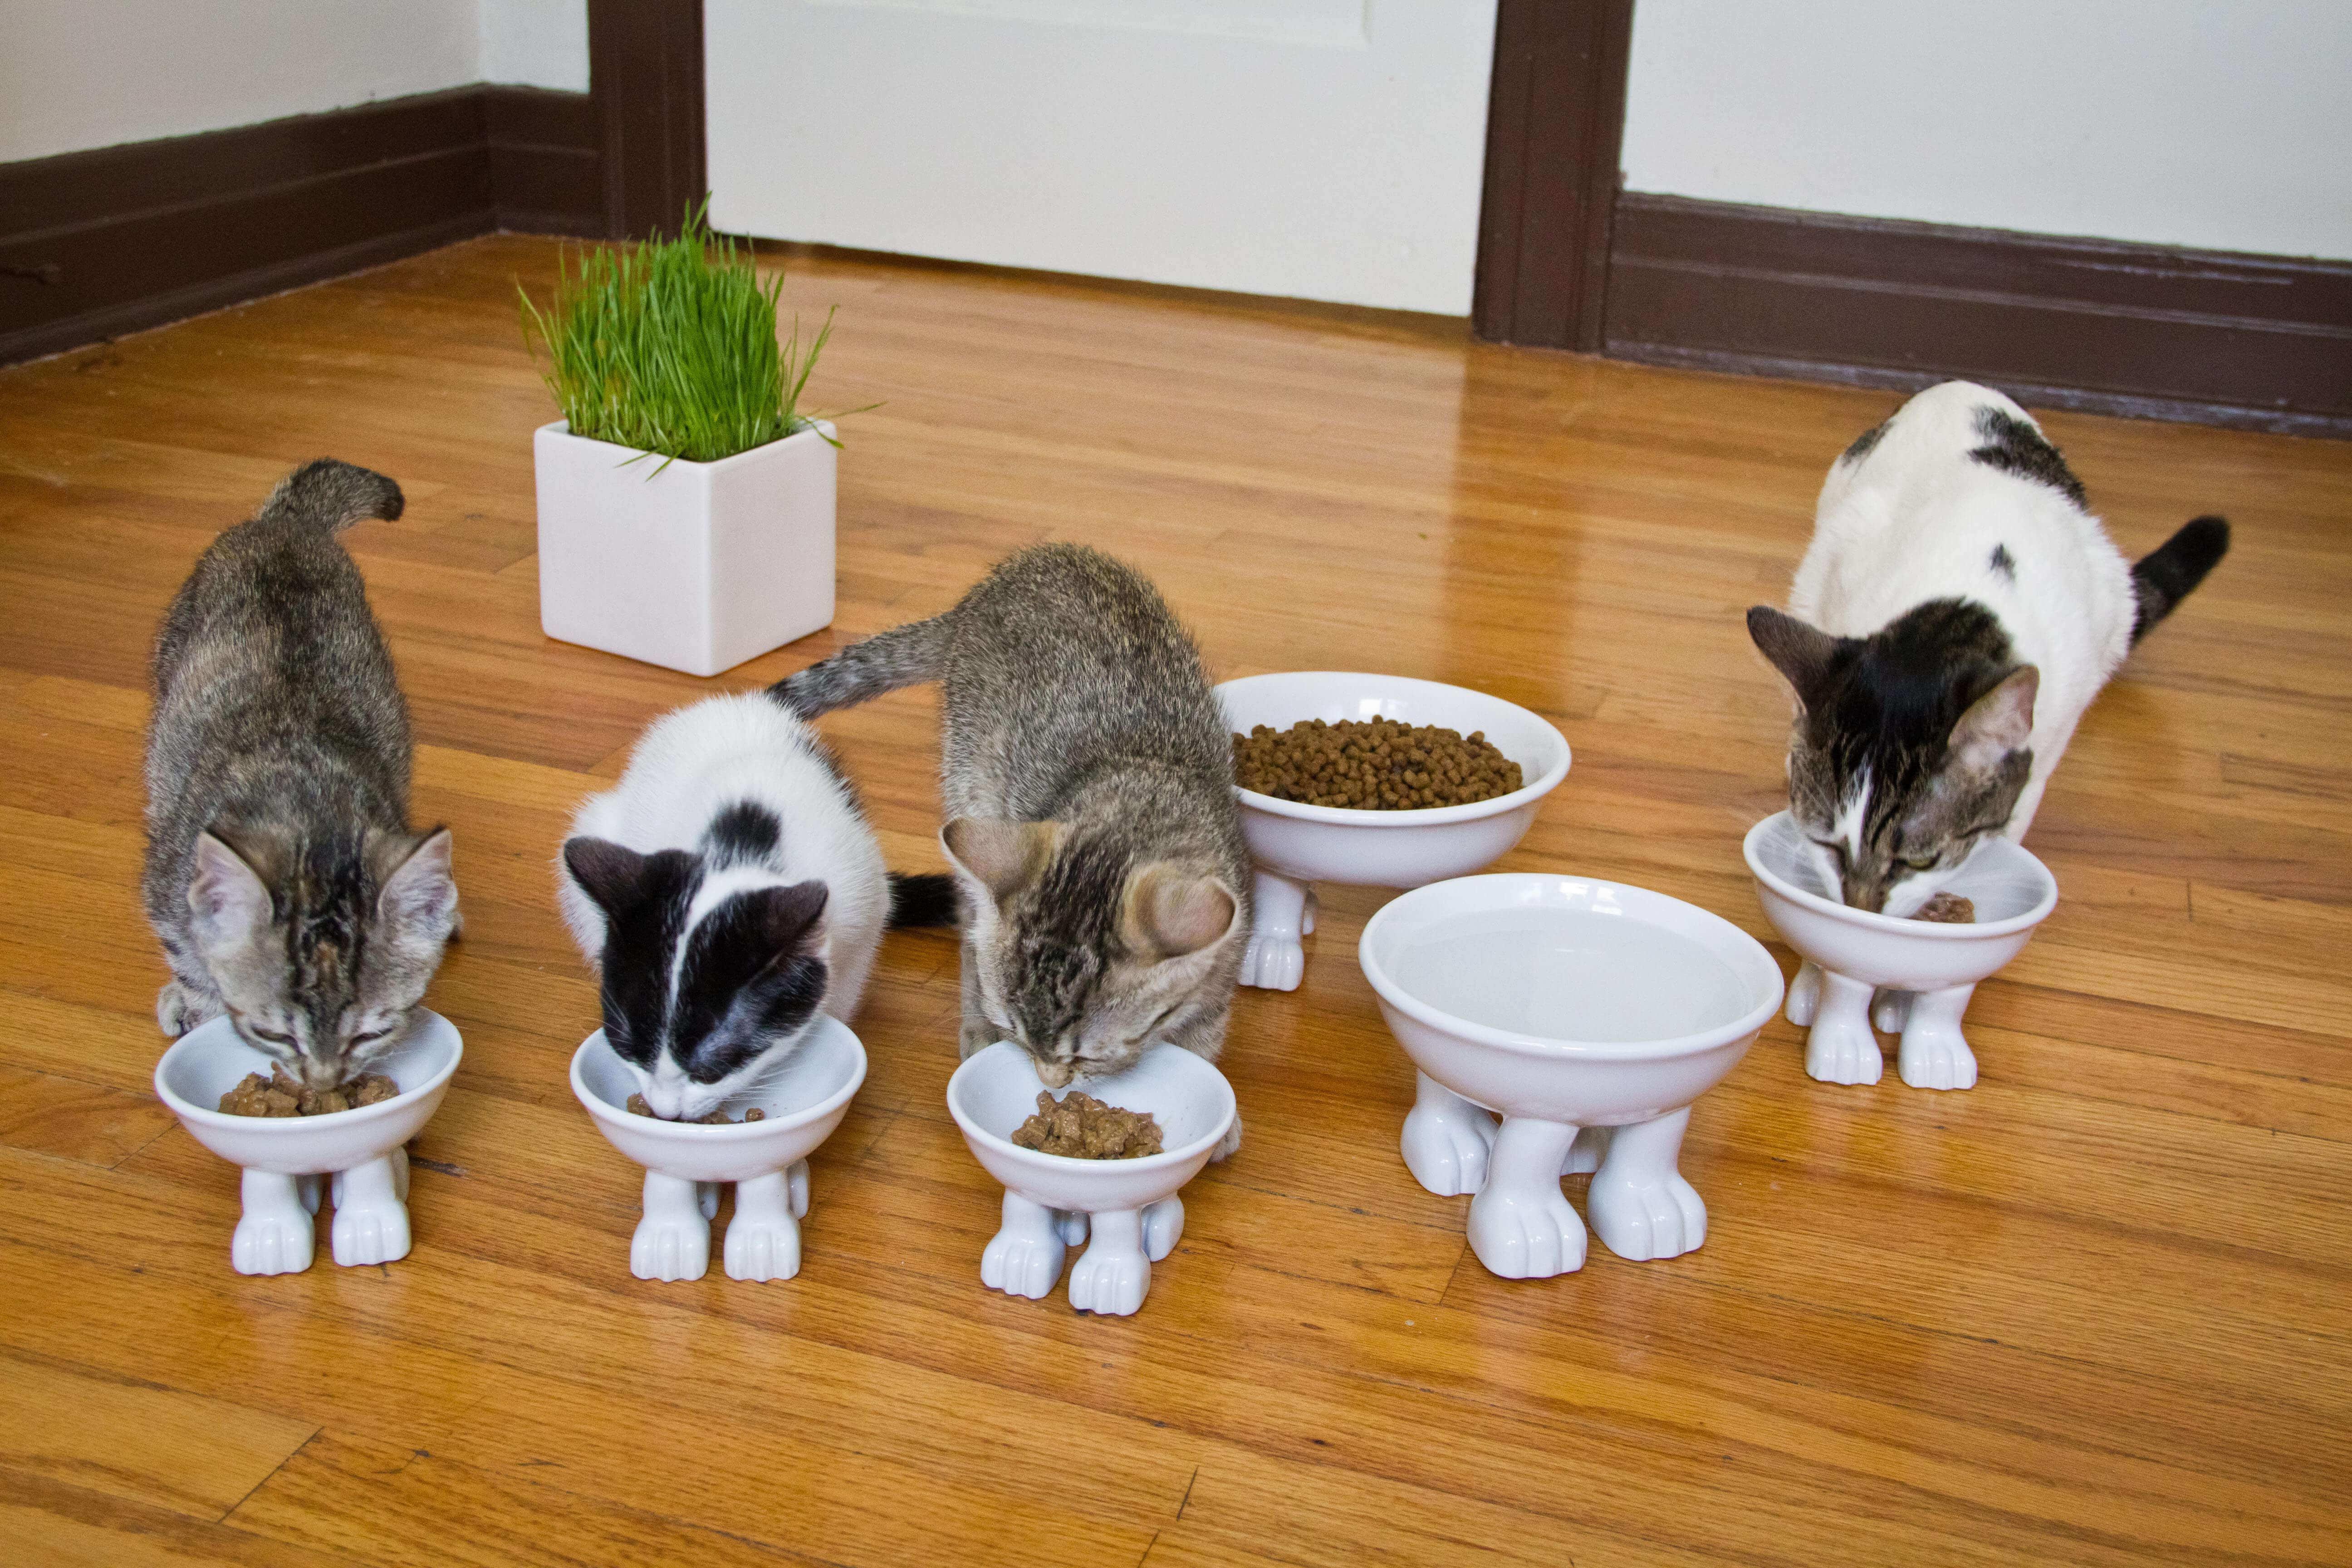 Kittens_allcatbowls